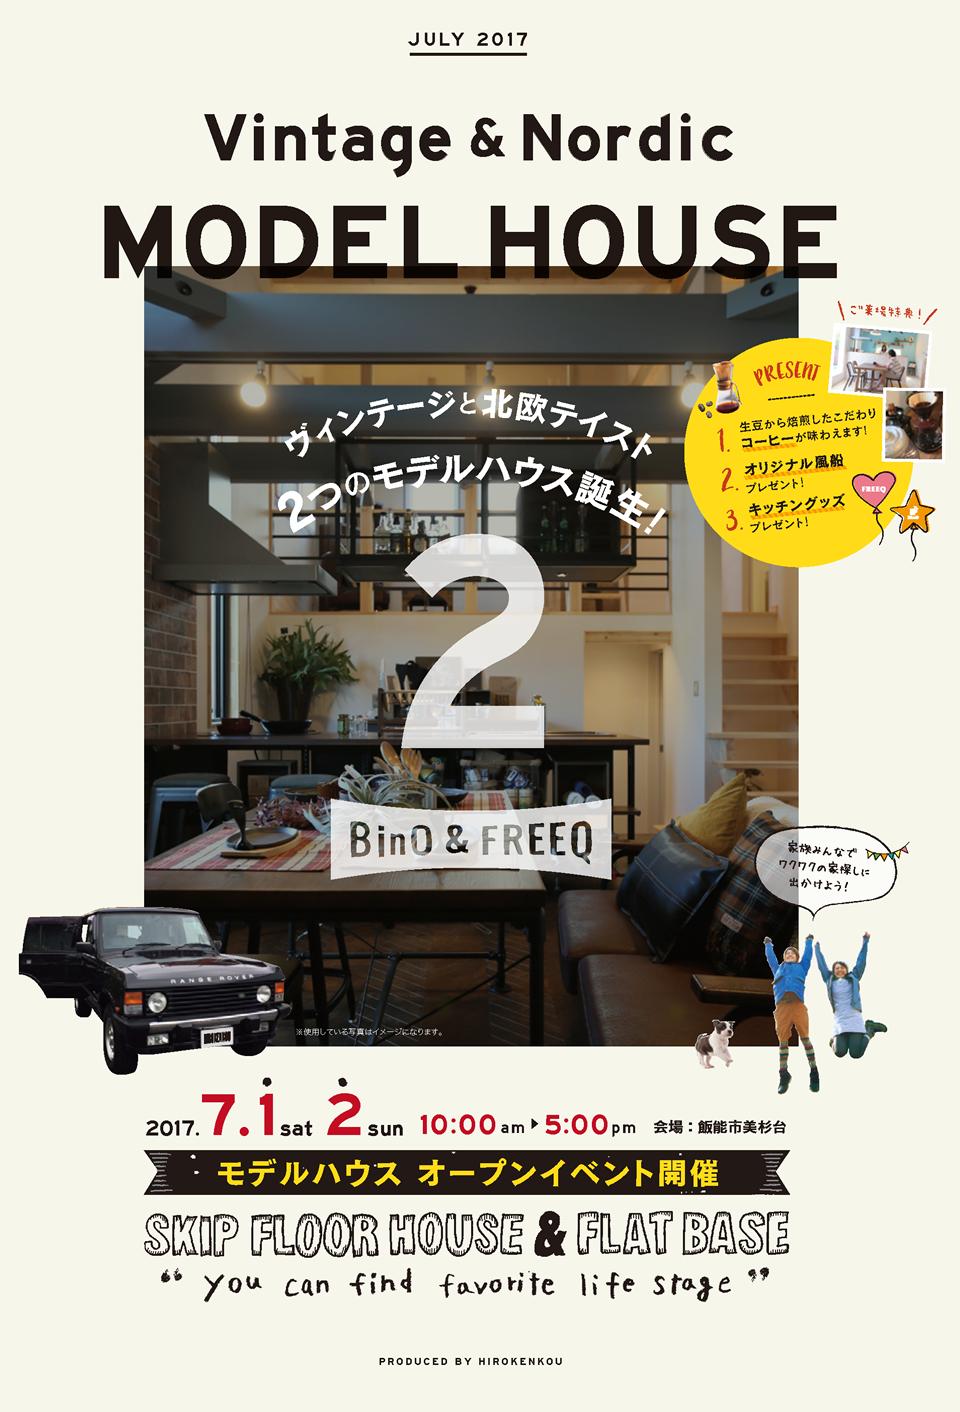 Vintage&amp;Nordic MODEL HOUSE 2017年7.1sat 2sun am10:00からpm5:00会場:飯能市美杉台<br /> モデルハウスオープンイベント